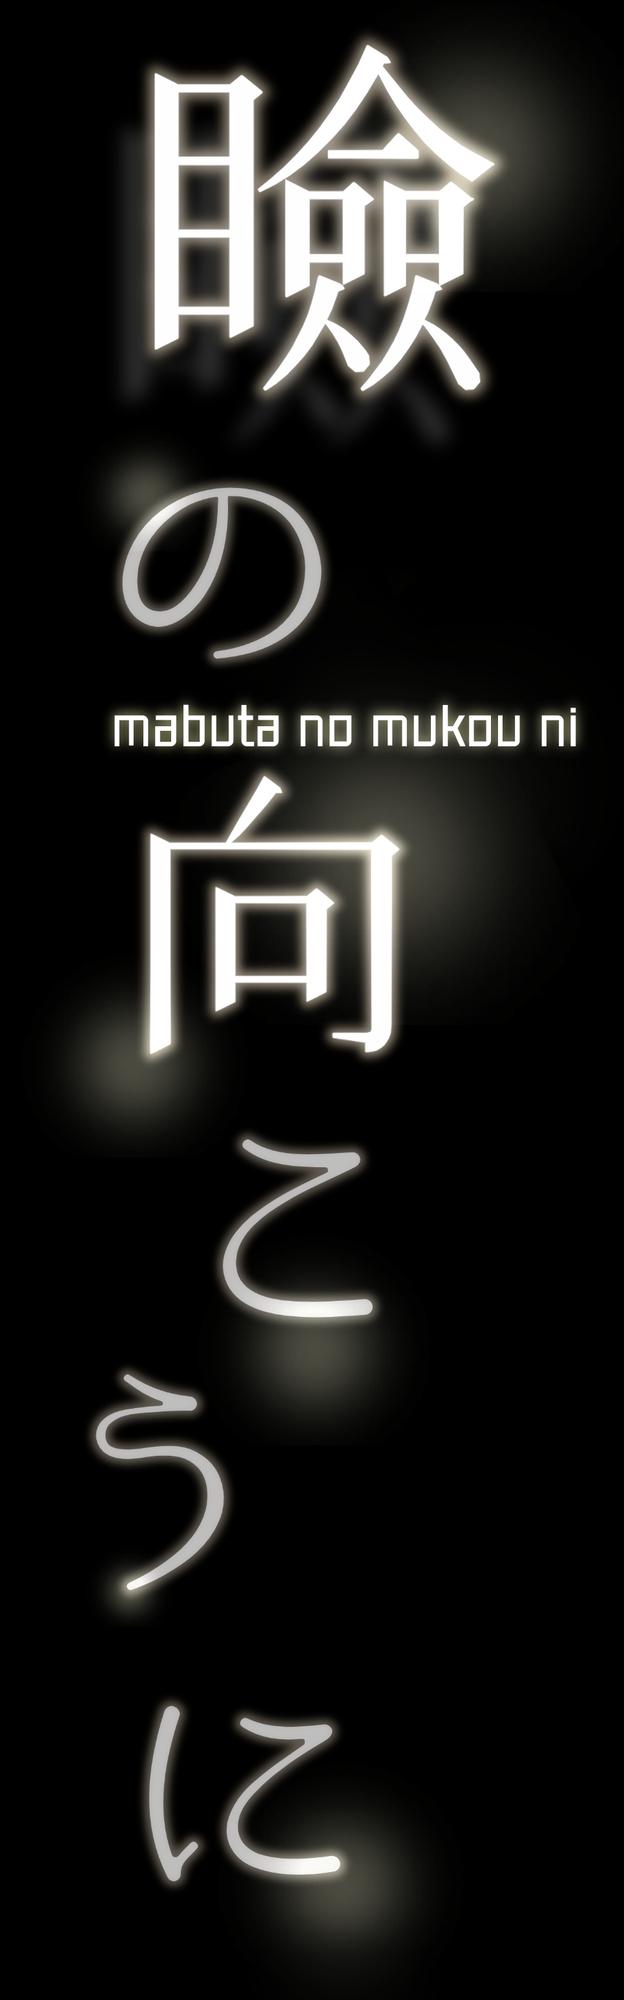 Large mbutanomukouni